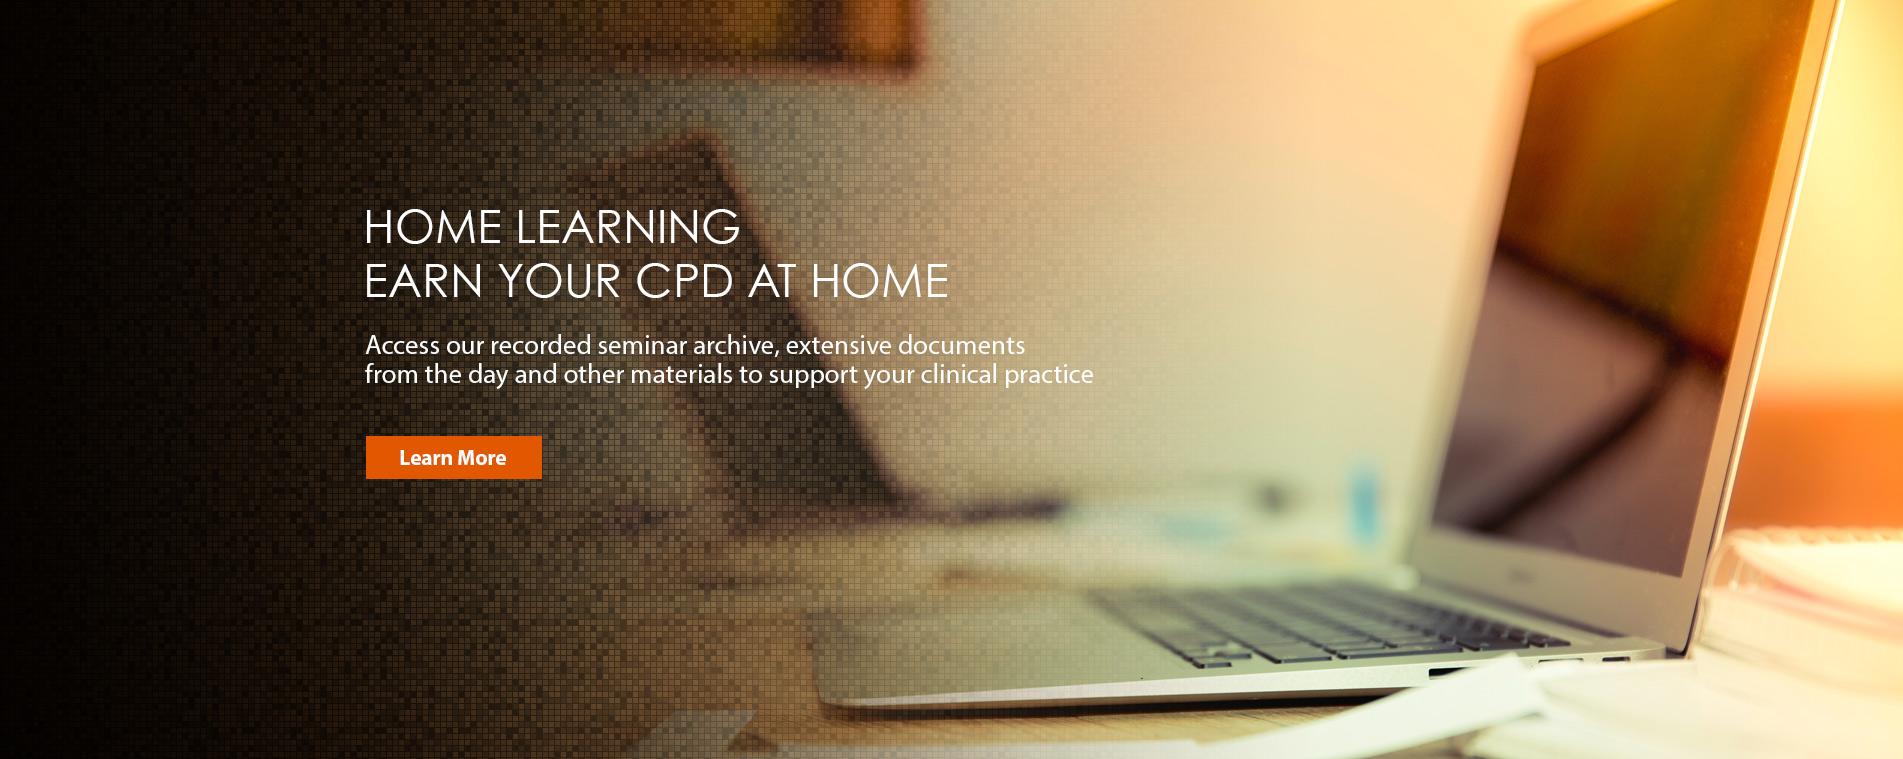 main-slider-home-learning1